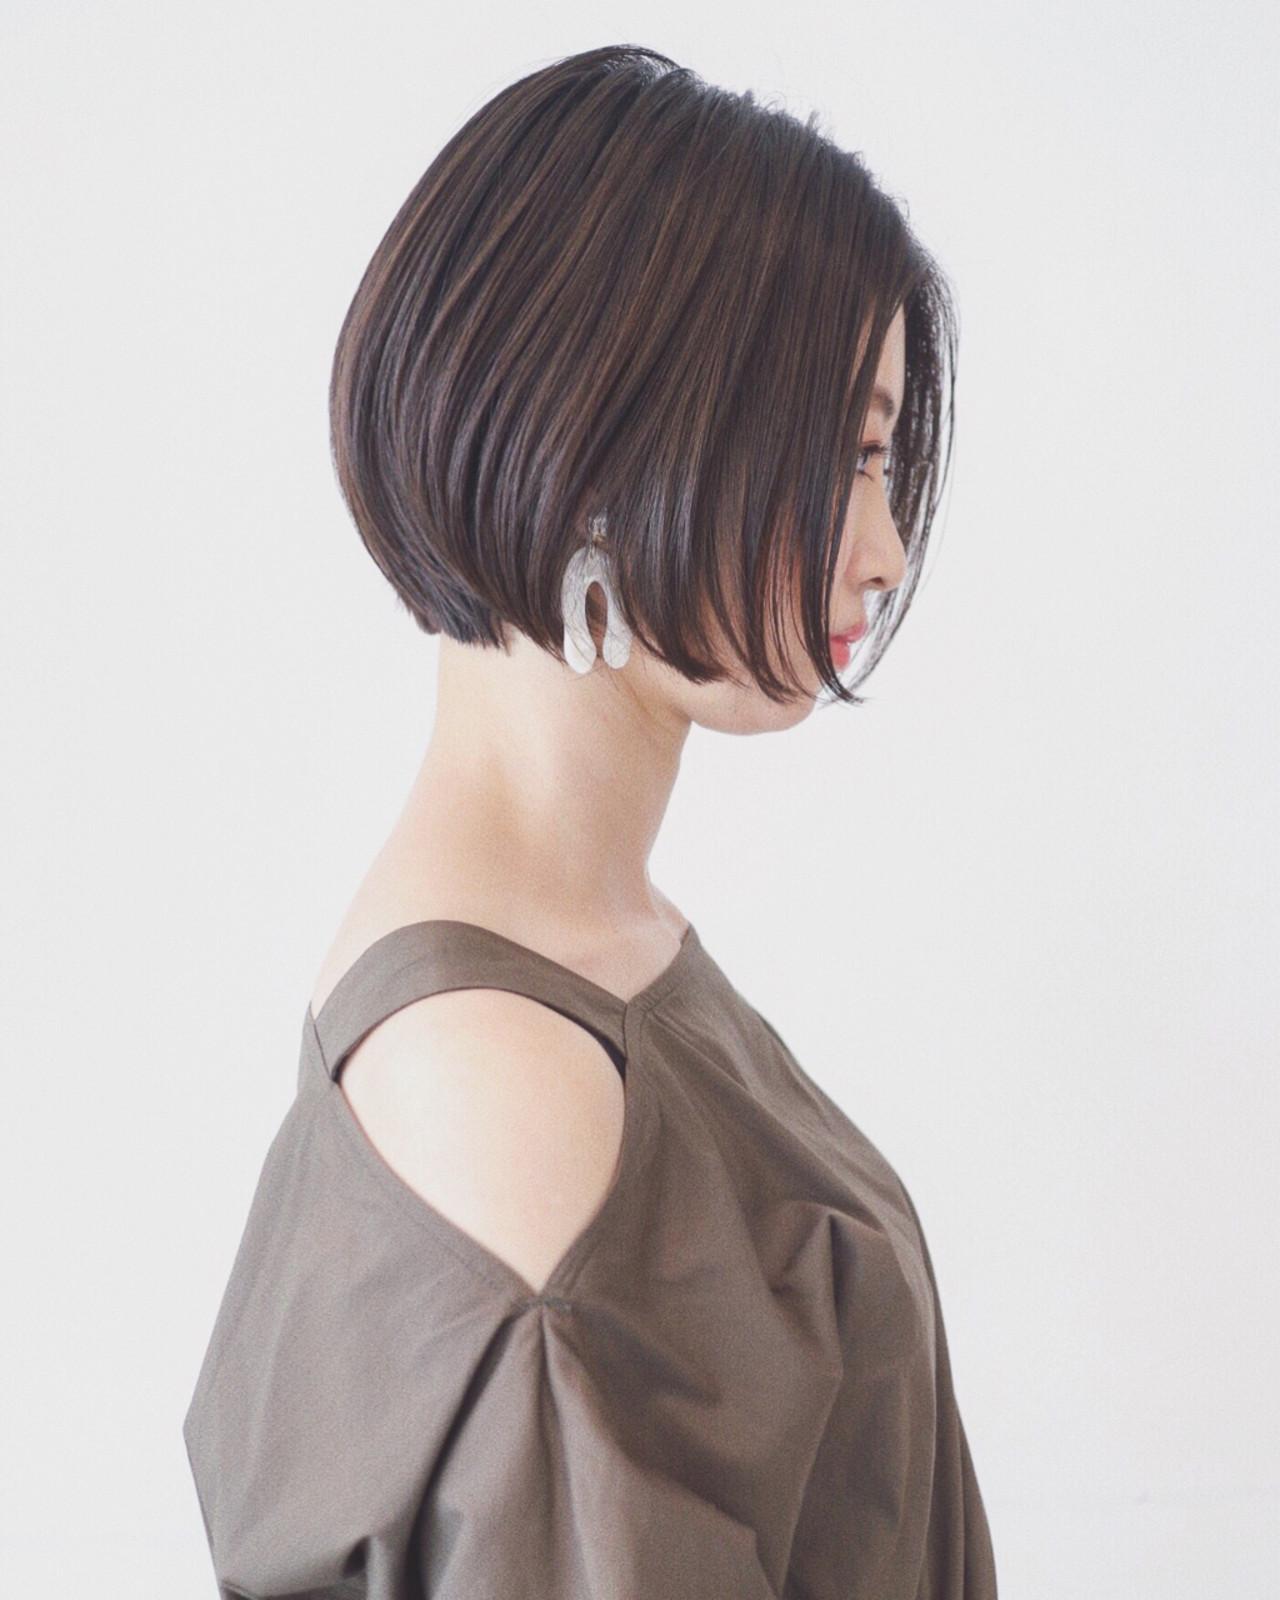 上品 ナチュラル エレガント グレージュ ヘアスタイルや髪型の写真・画像